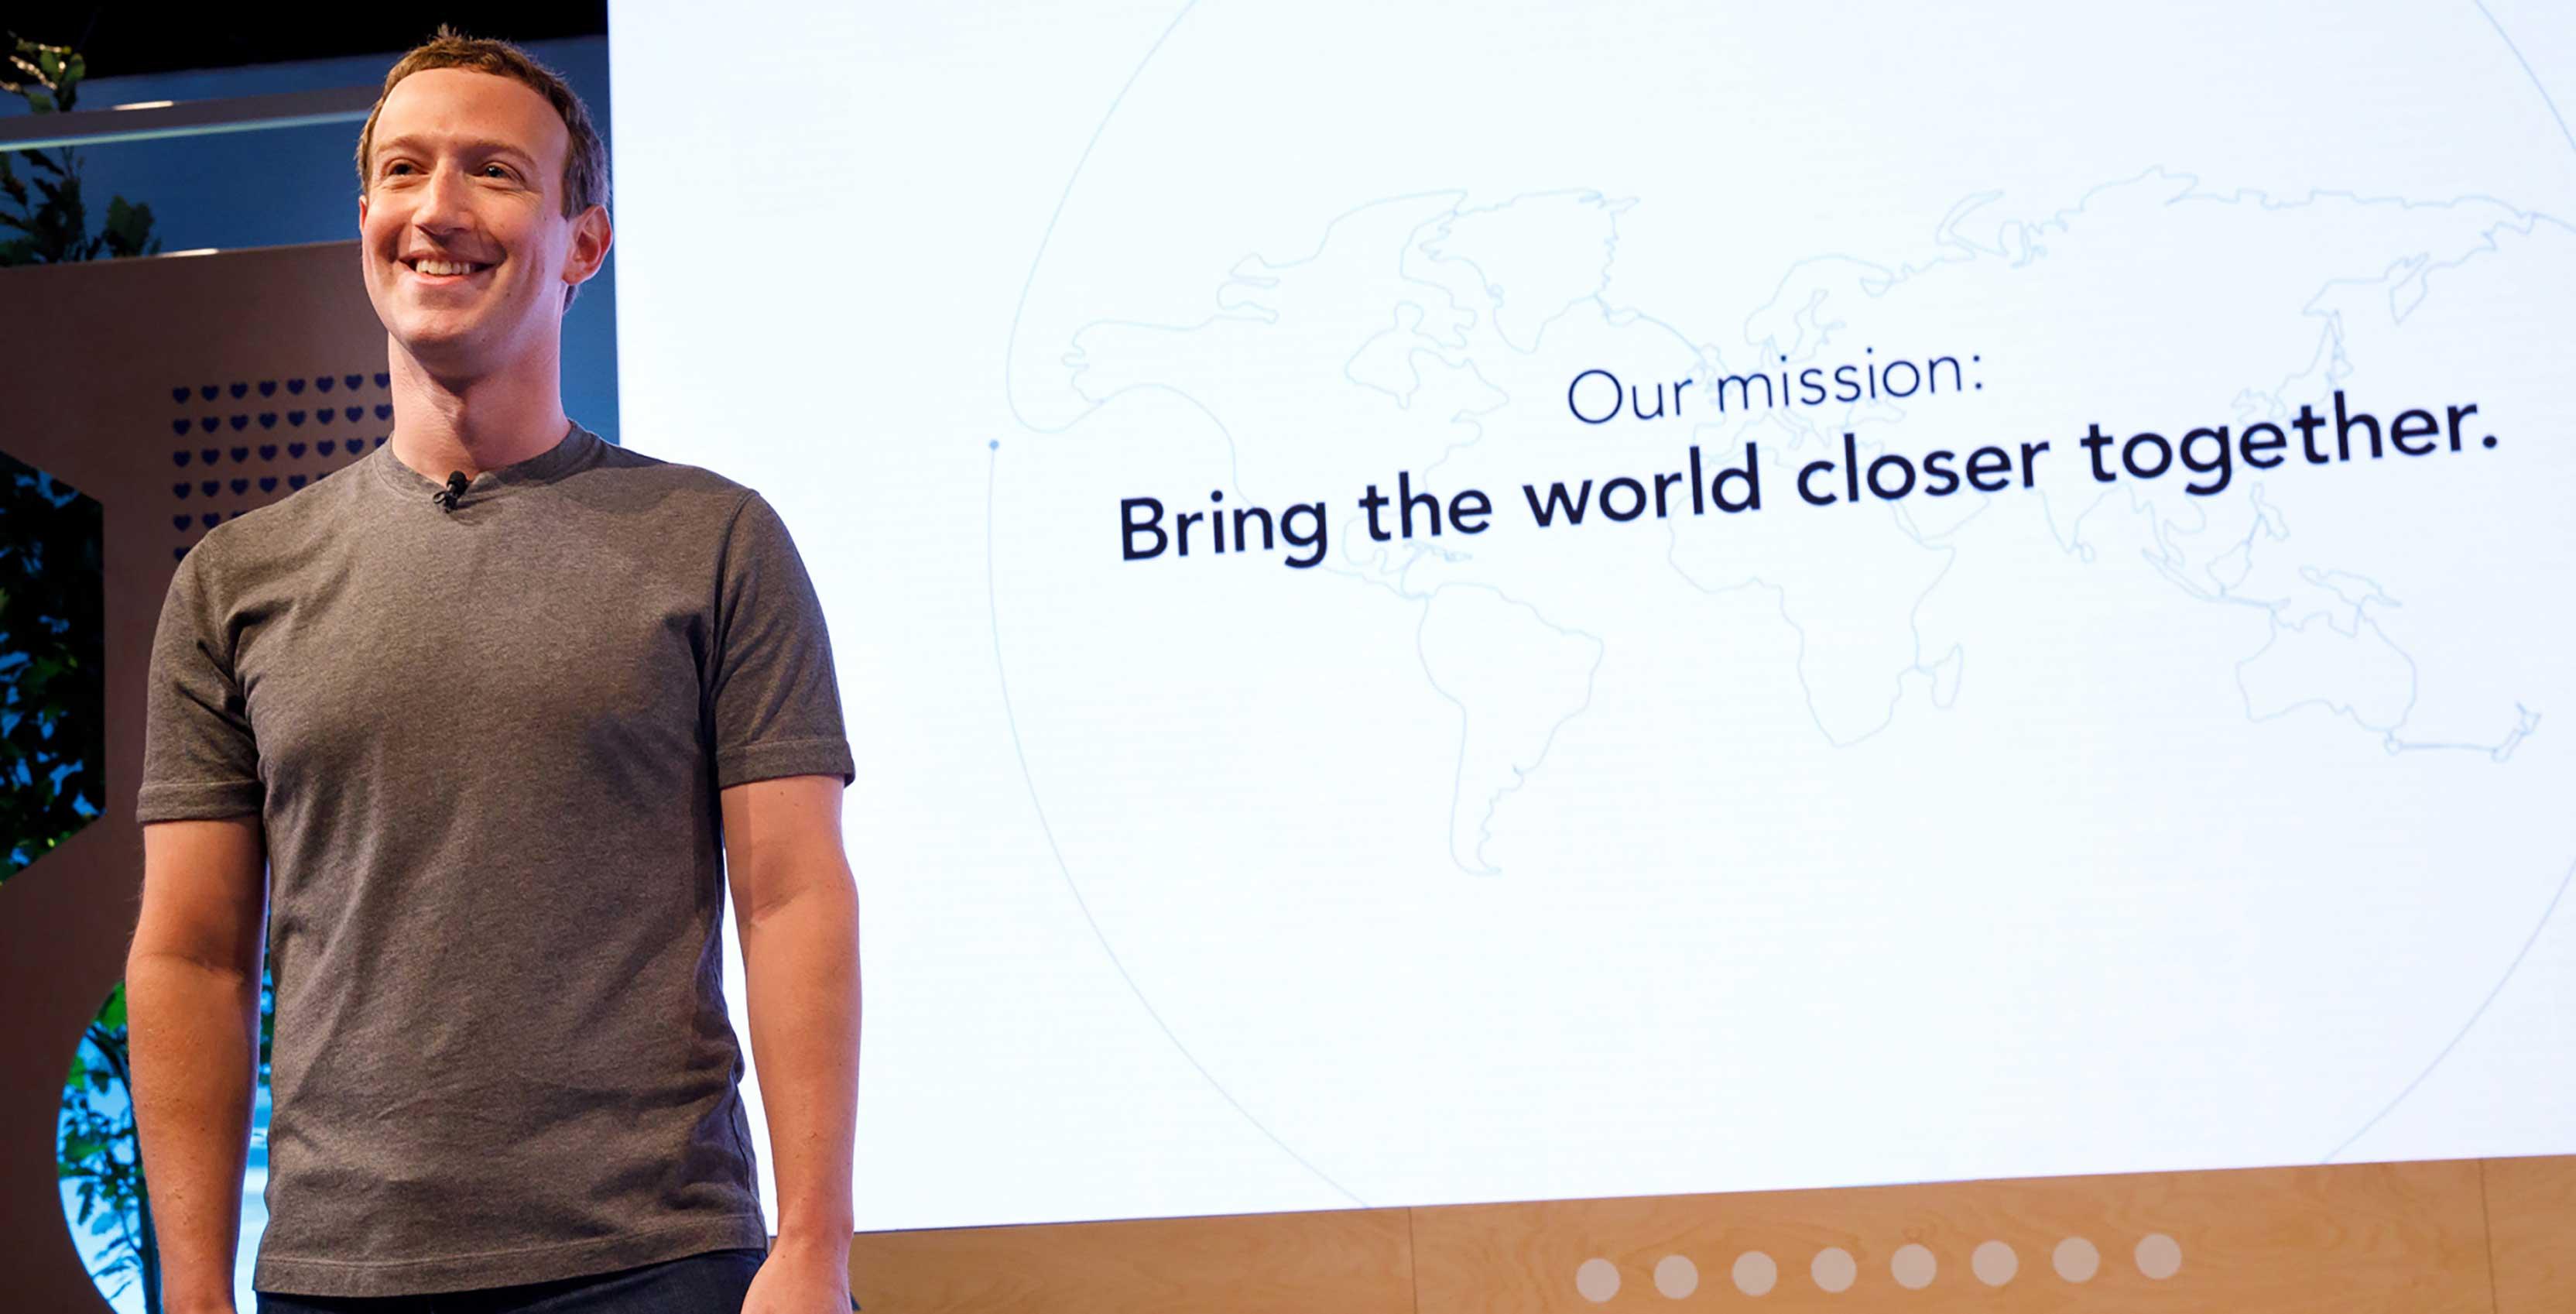 Facebook Mark Zuckerberg mission statement